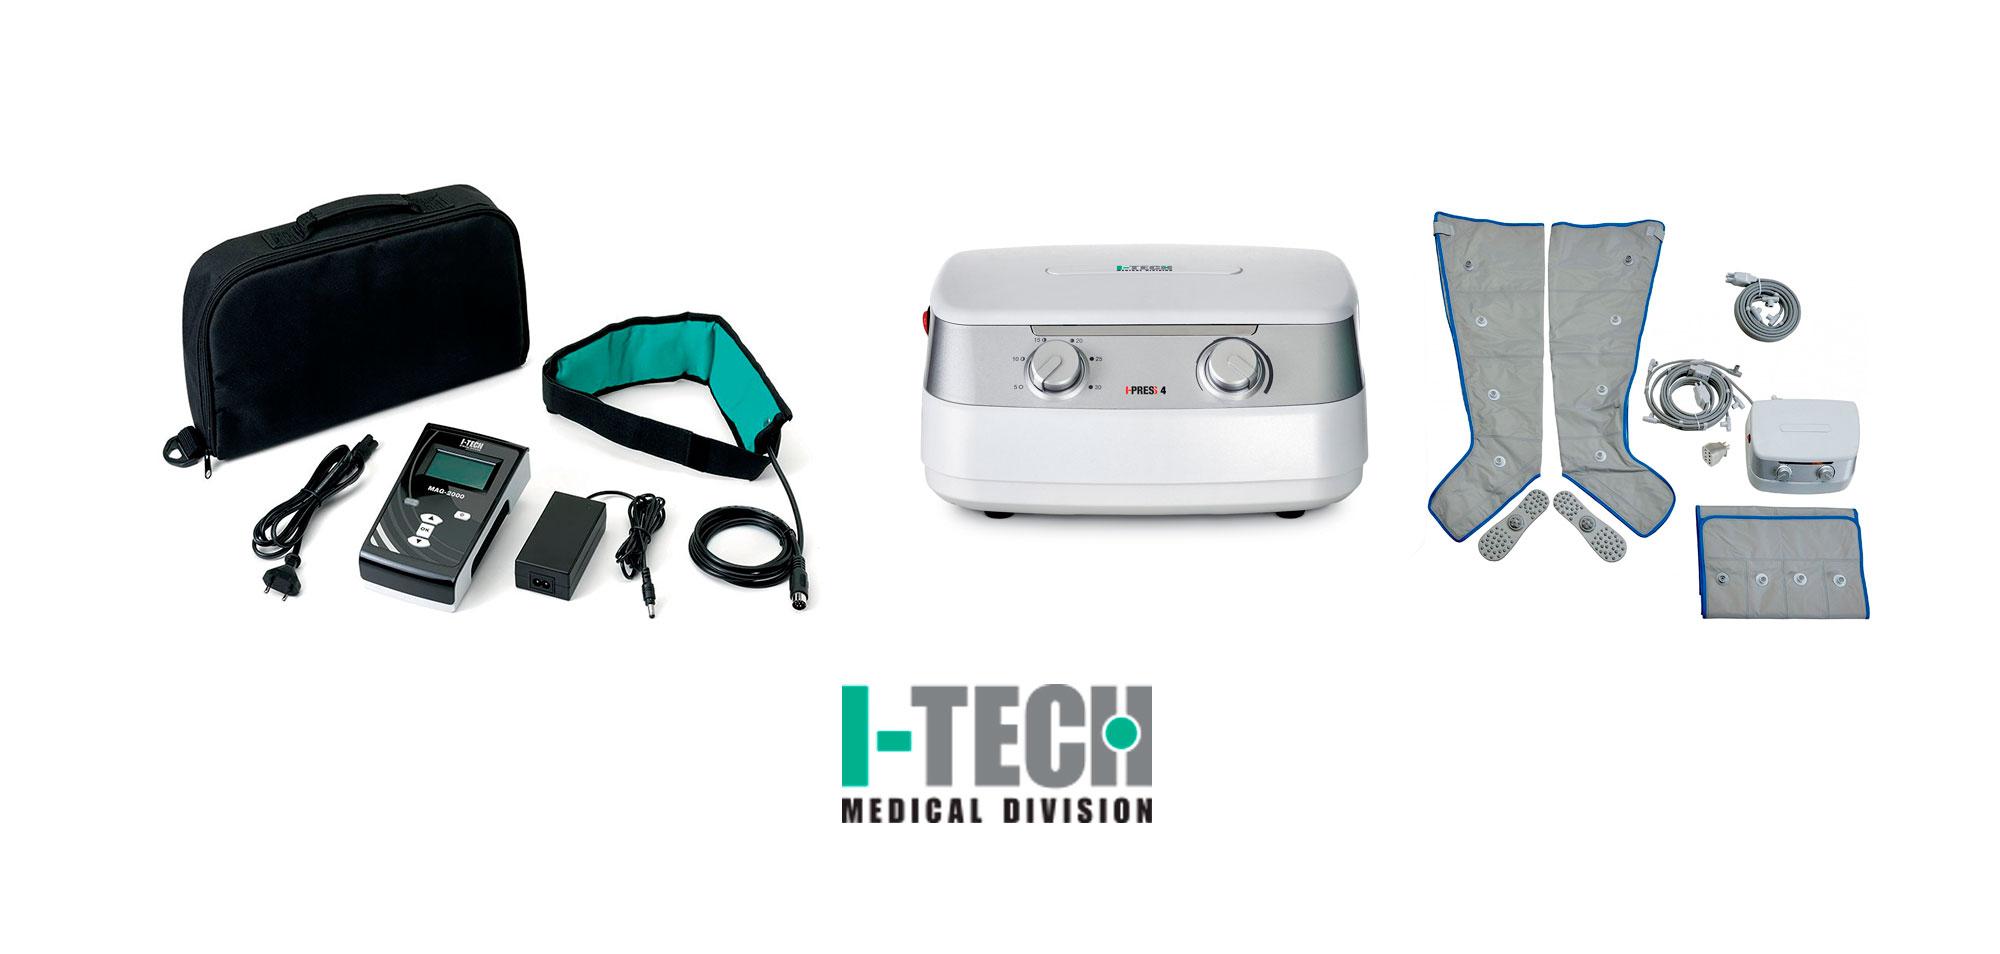 prodotti elettromedicali I-TECH disponibili da Sanisfera